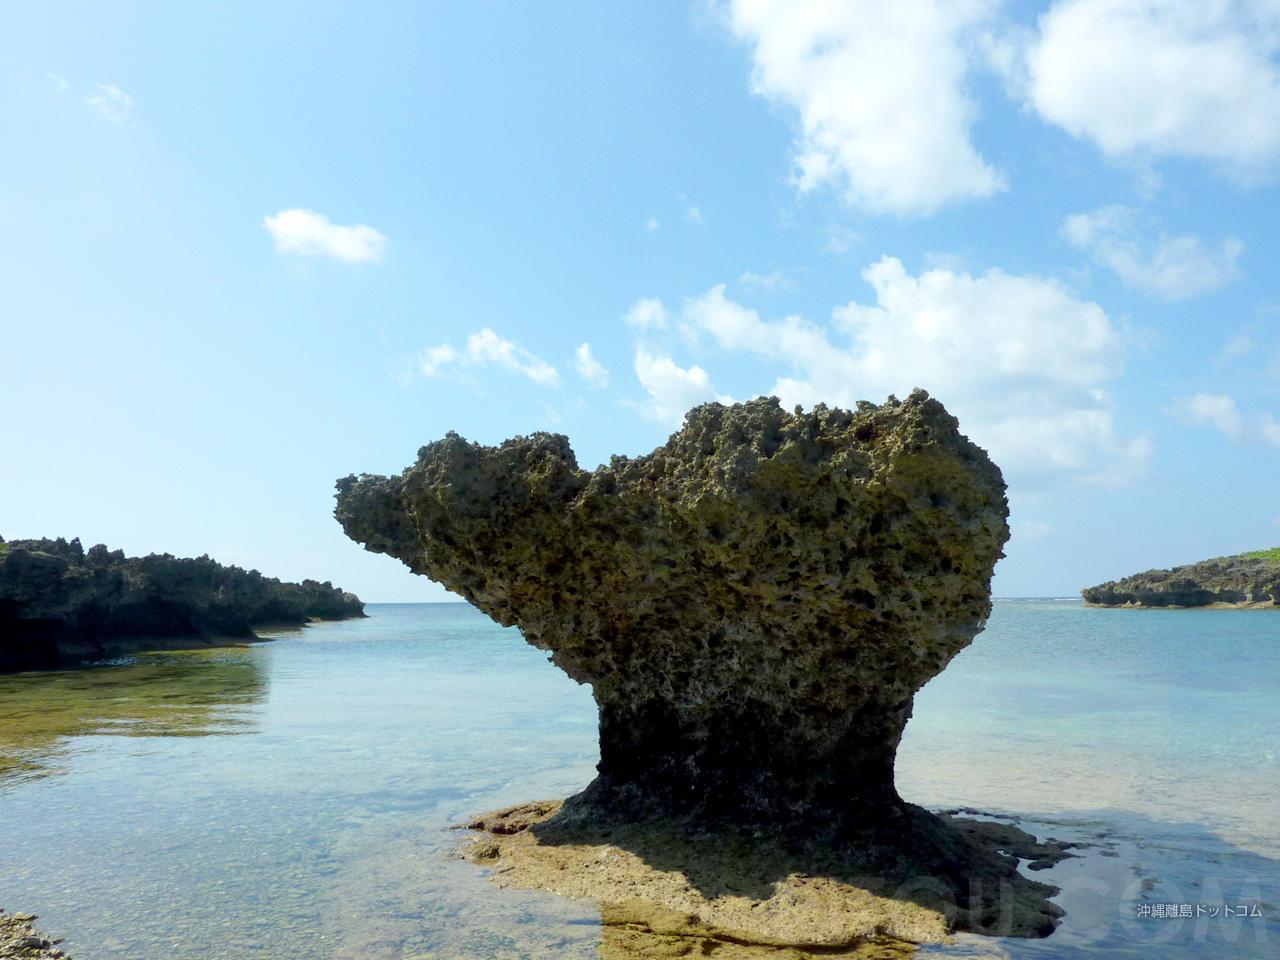 伊良部島/下地島のハート岩?(35エンド)